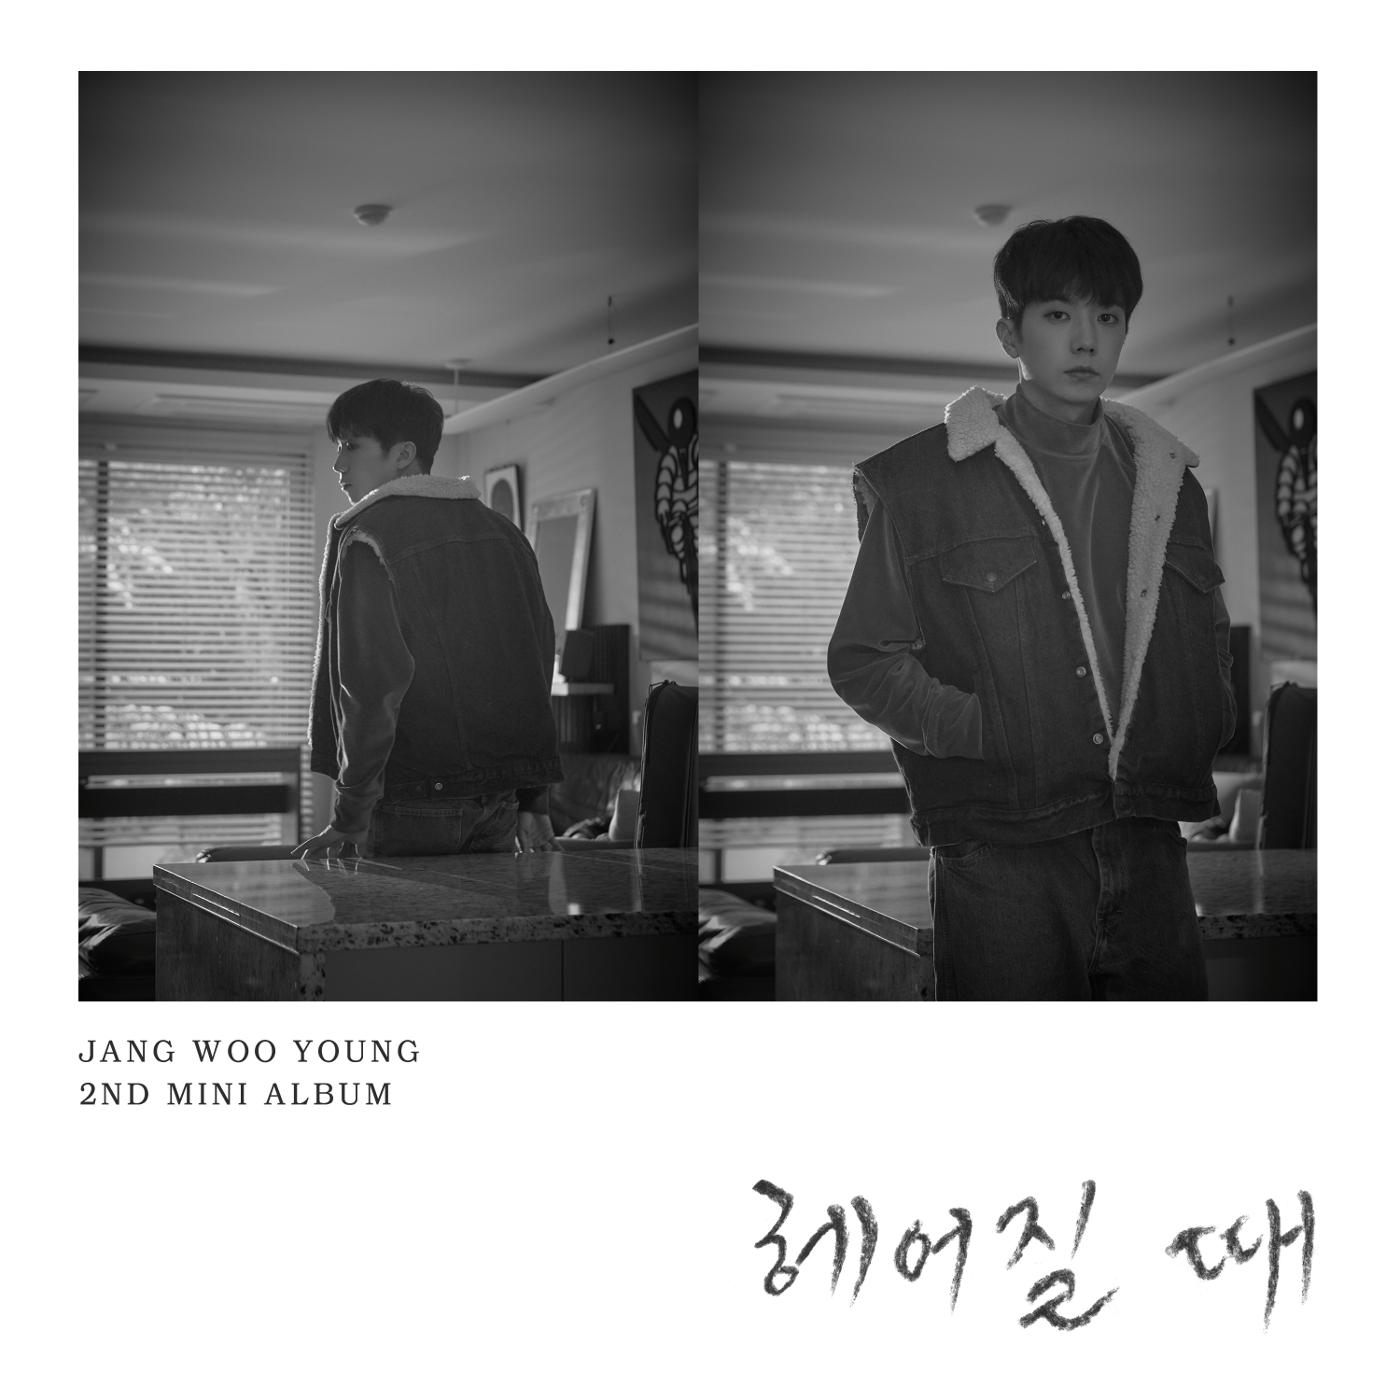 Bye (Jang Woo Young)